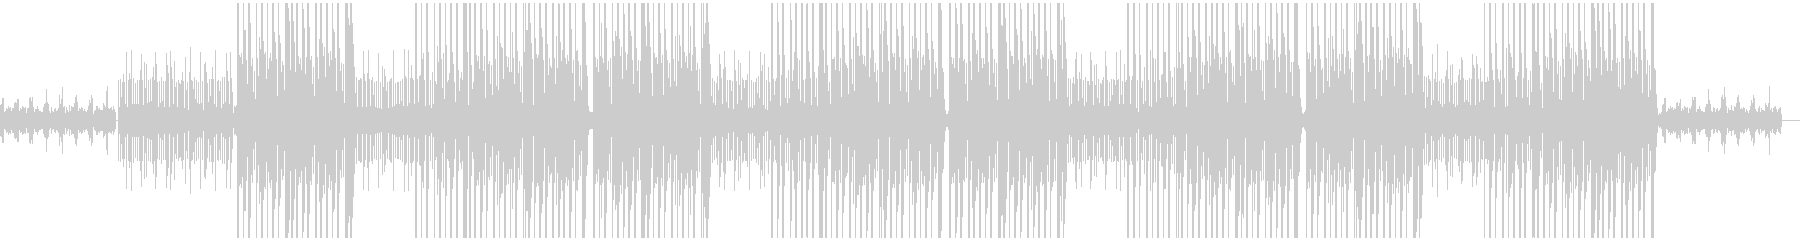 シンセのエモいトッラプ/ヒップホップの未再生の波形